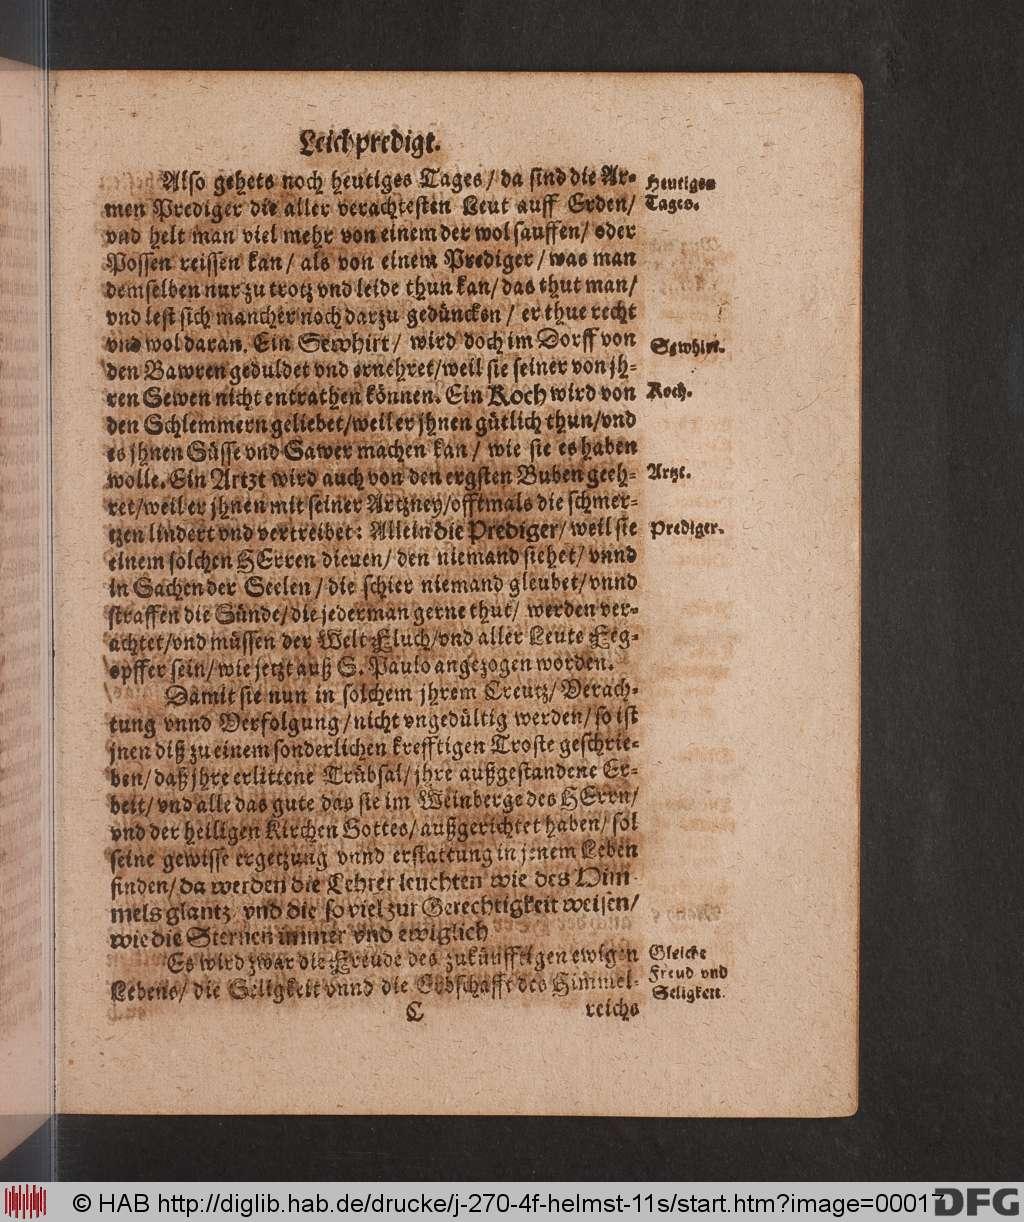 http://diglib.hab.de/drucke/j-270-4f-helmst-11s/00017.jpg